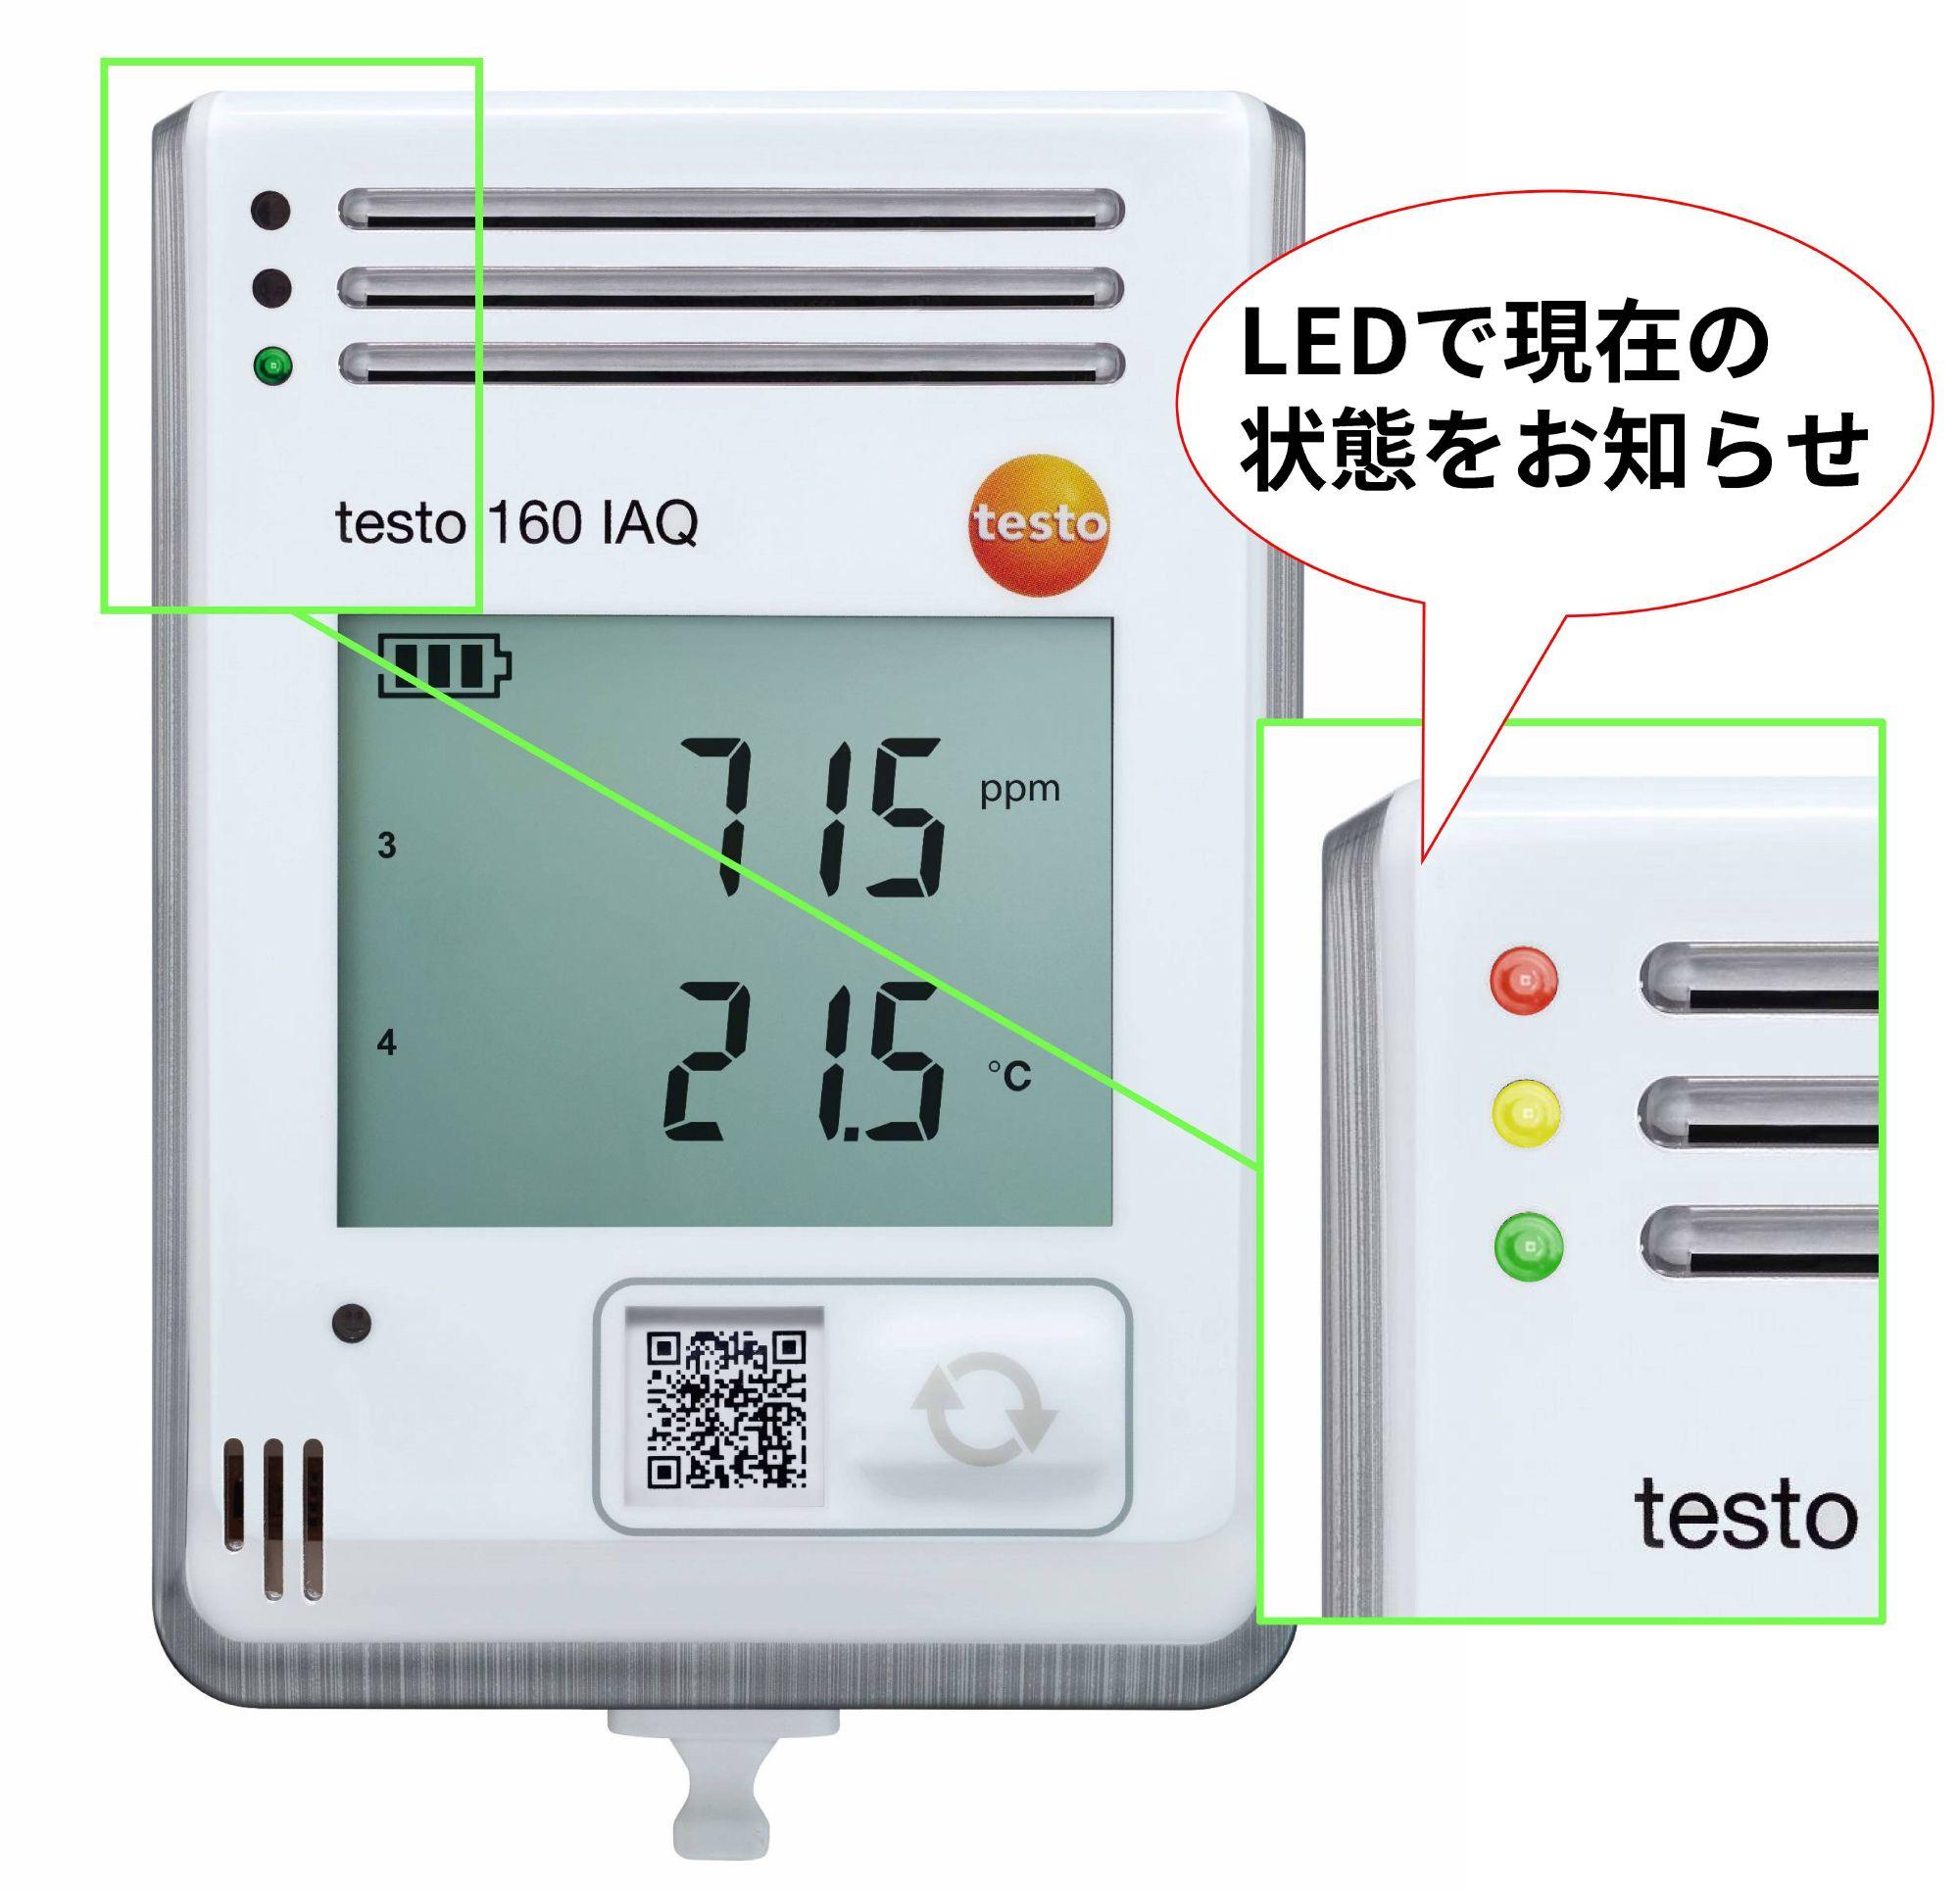 jp_testo-160IAQ_alarm.jpg